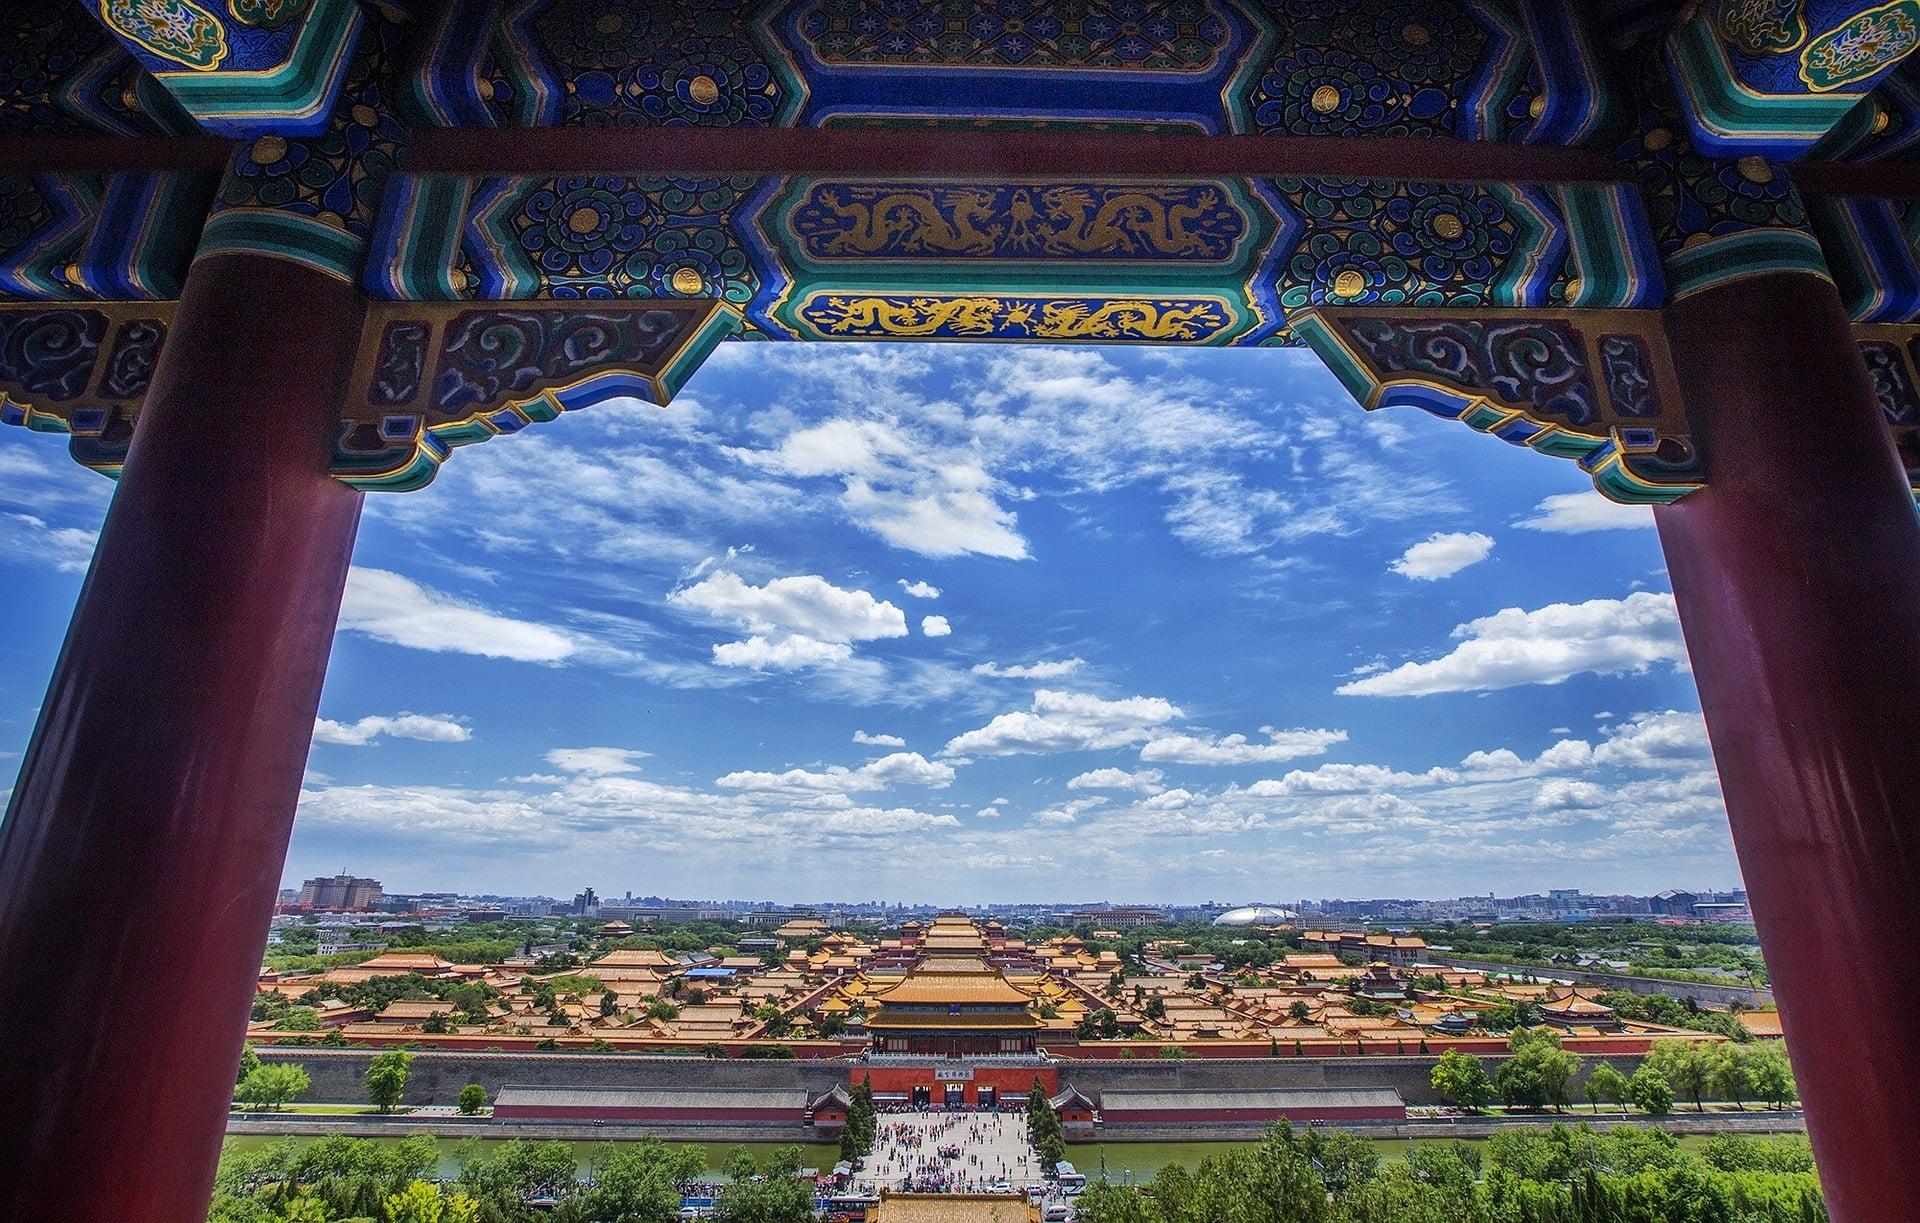 รูปภาพ : เที่ยวจีน ปักกิ่ง เซี่ยงไฮ้ ซีอาน เฉิงตู หางโจว กุ้ยหลิน คุนหมิง ลี่เจียง